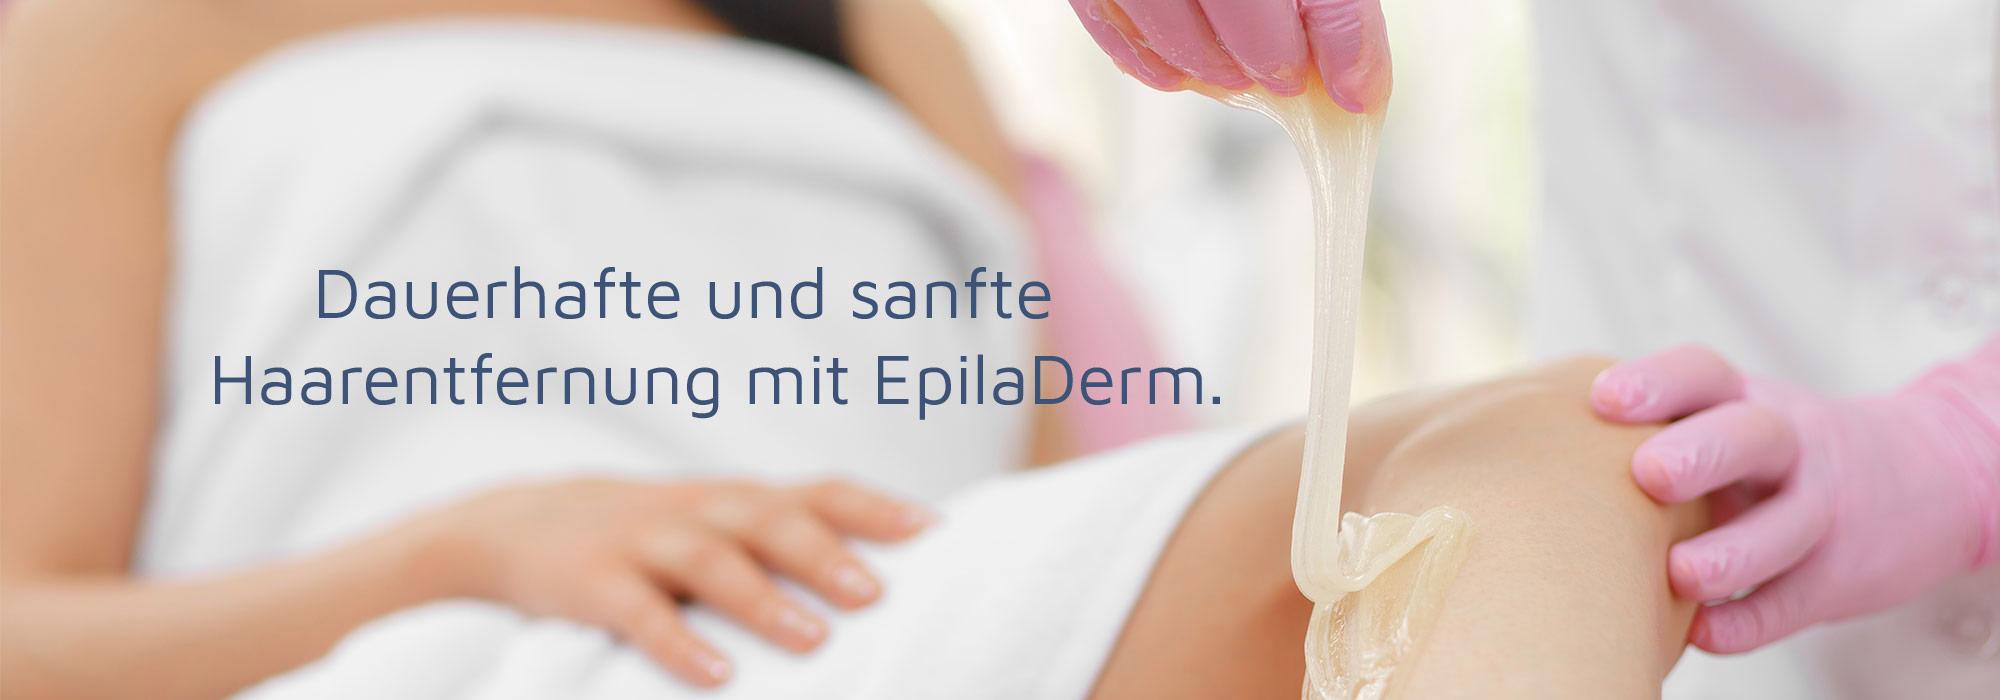 Dauerhafte und sanfte Haarentfernung mit EpilaDerm Sugaring